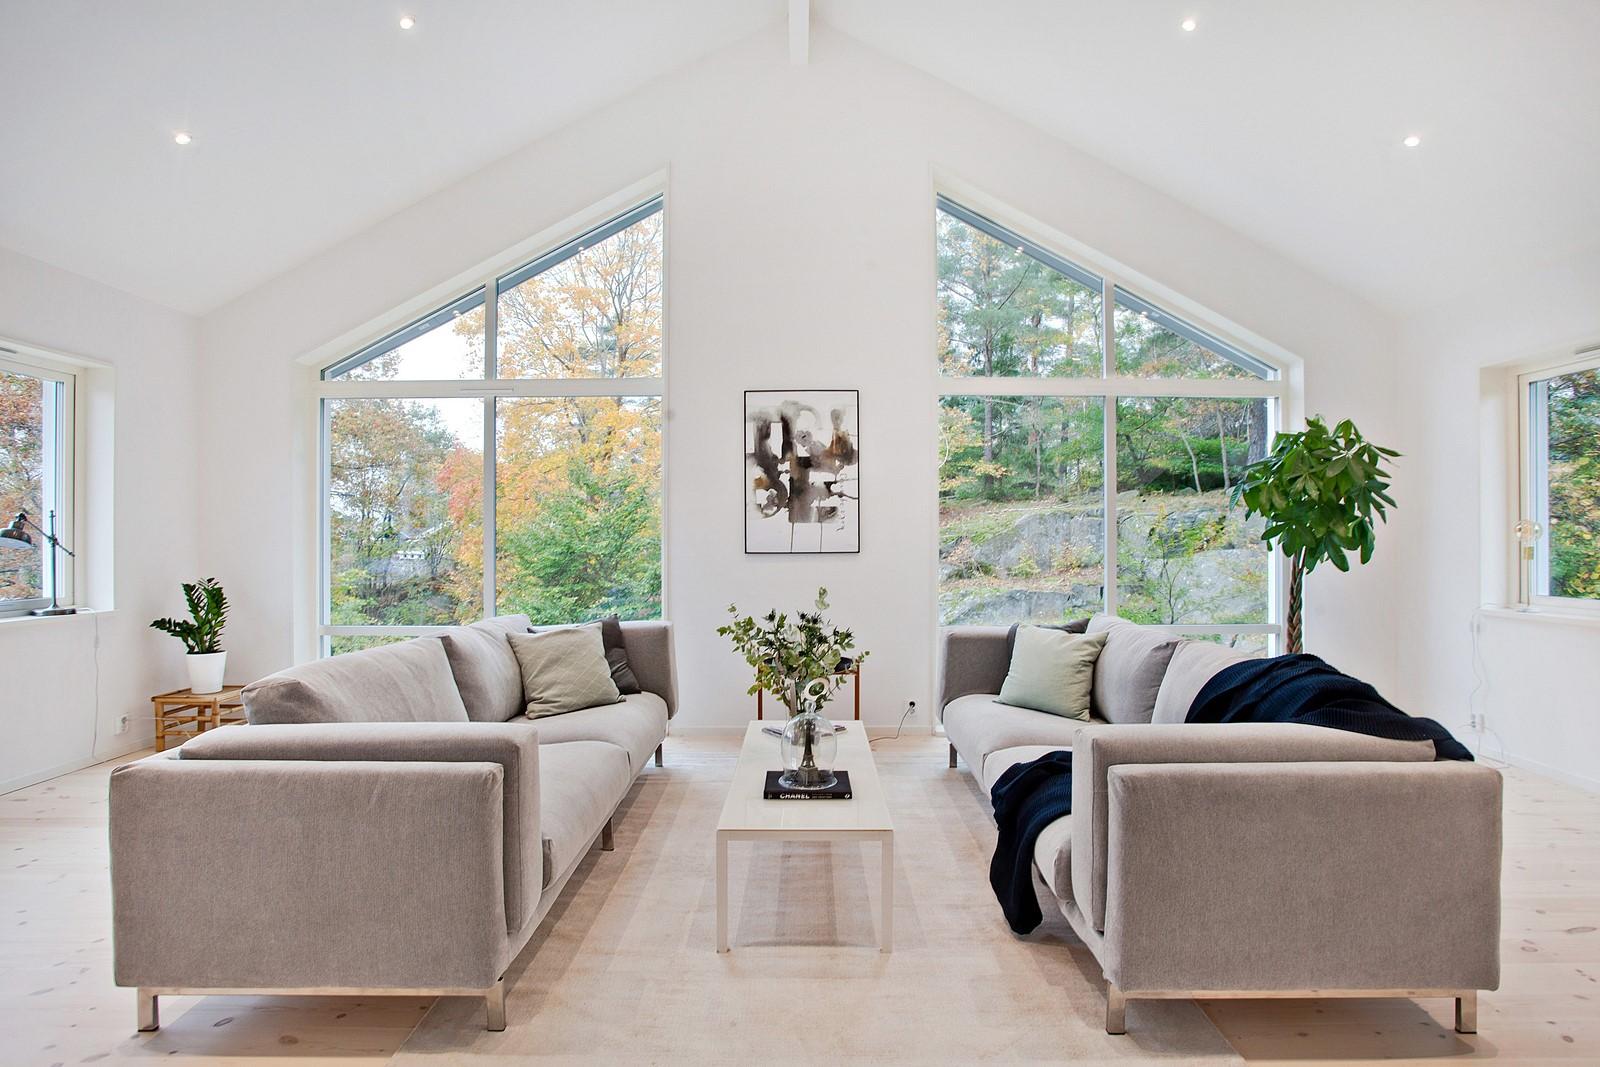 Vardagsrum med två soffor. Stora fönster, högt i tak.